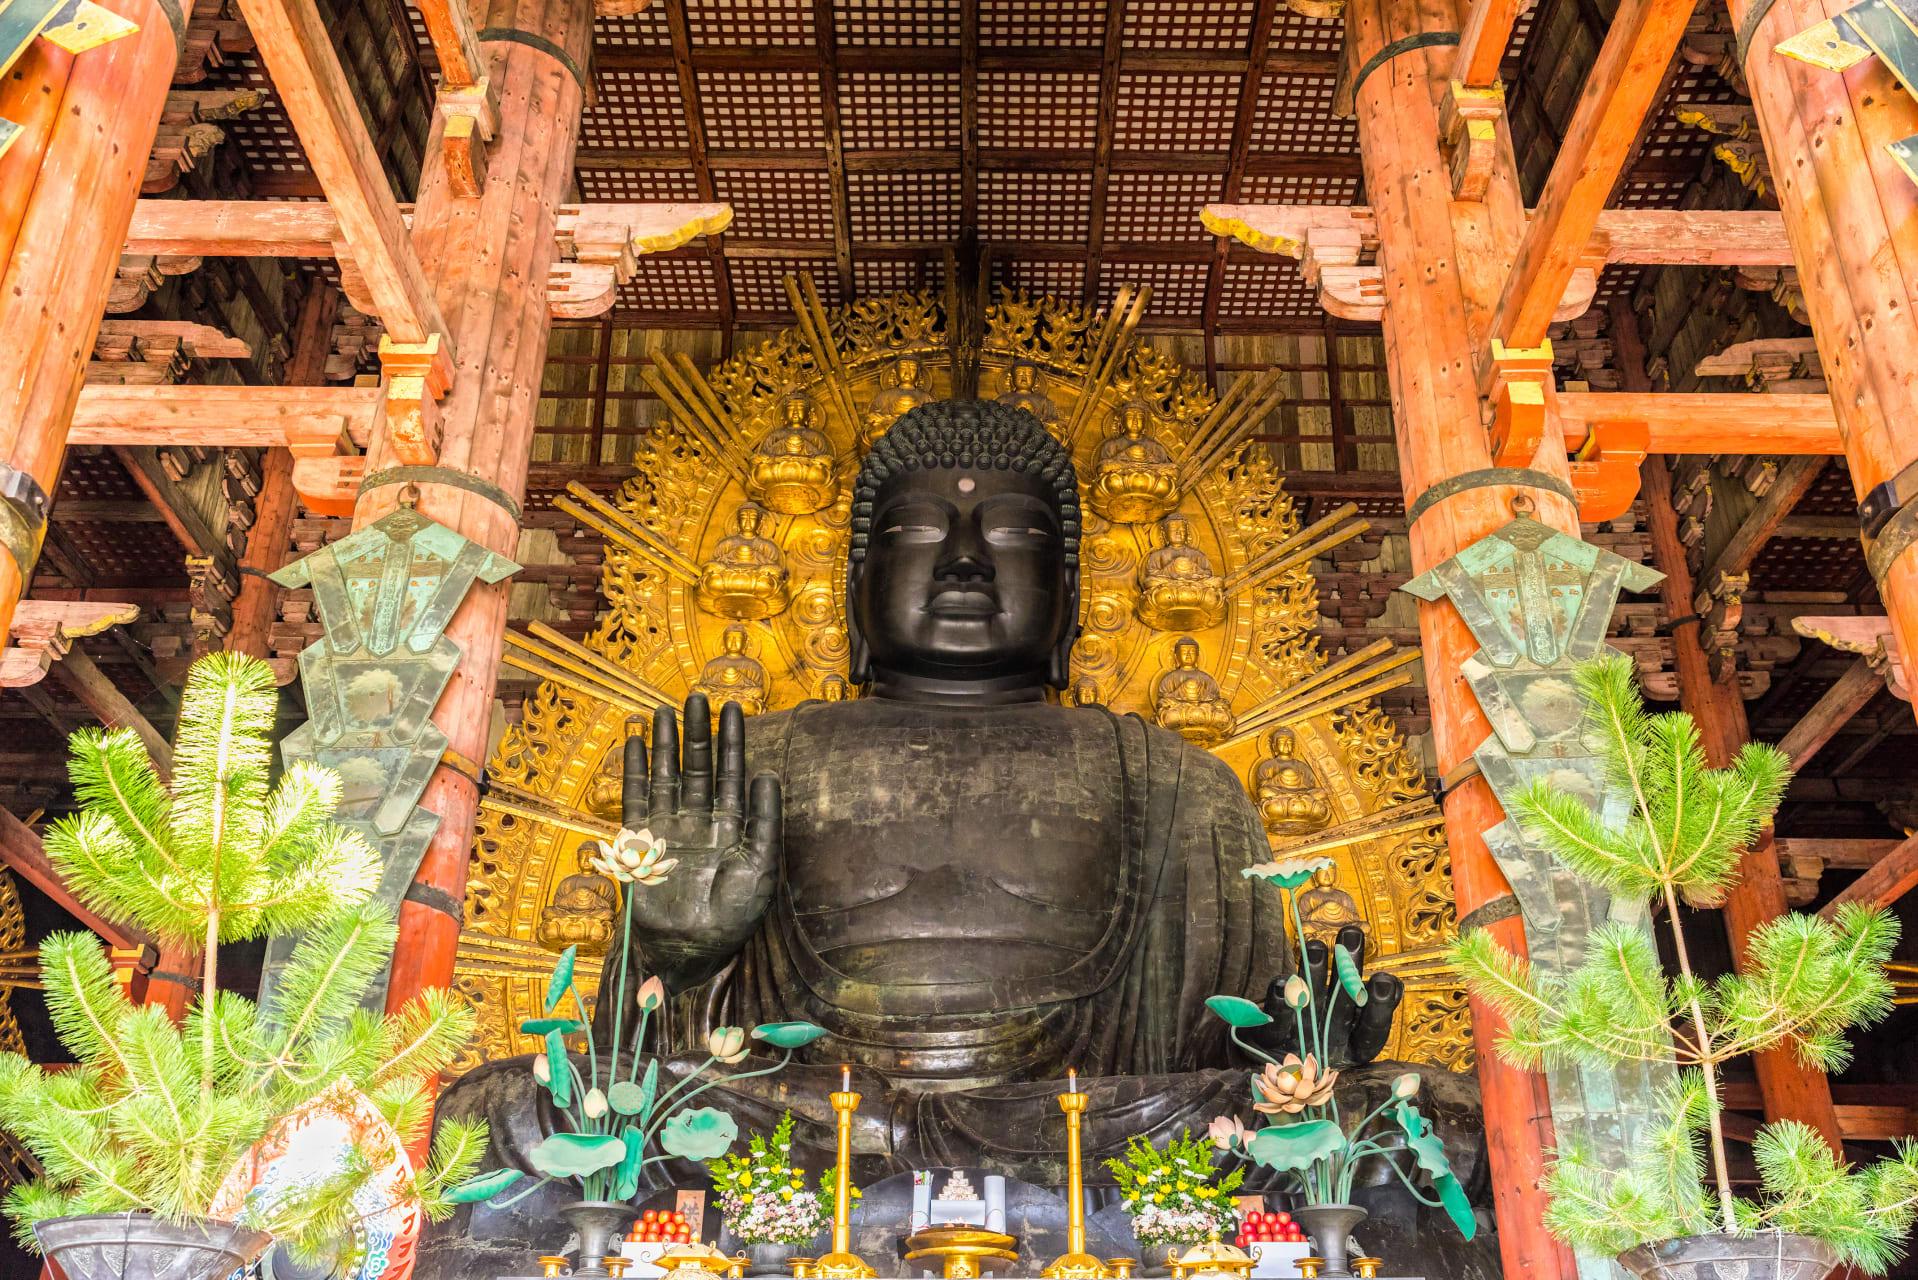 Nara - Discover Nara: Japan's Ancient City